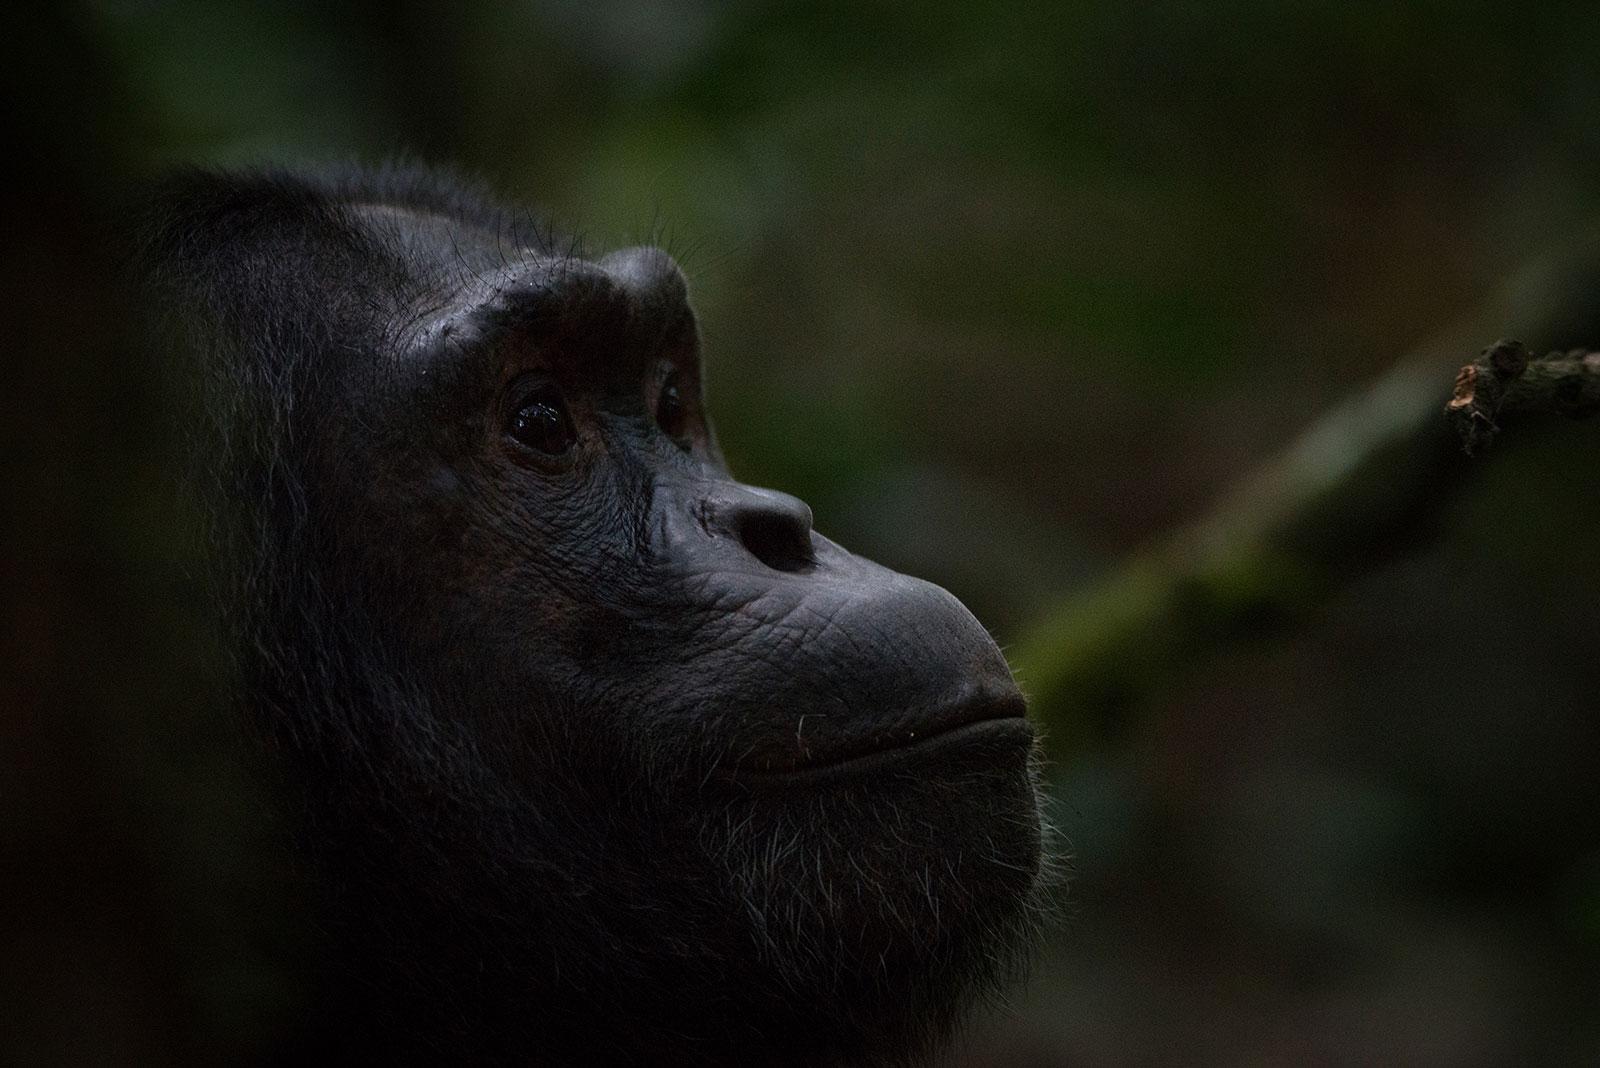 Chimpanzee in Jungle